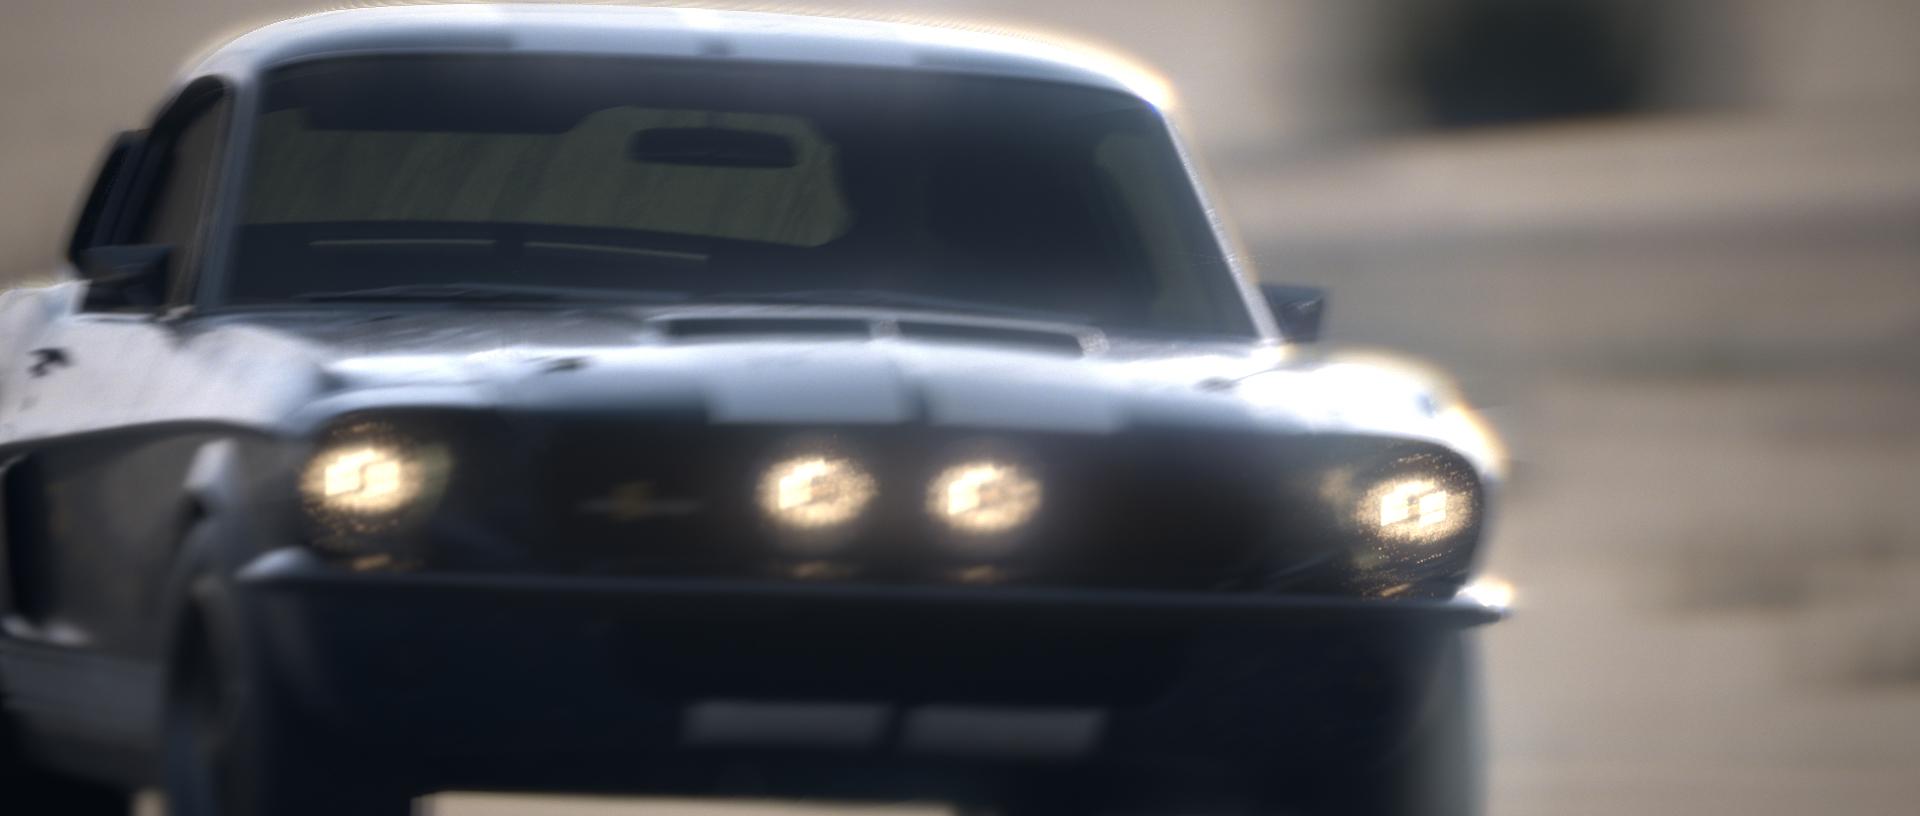 Mustang_stil_1920-816.jpg